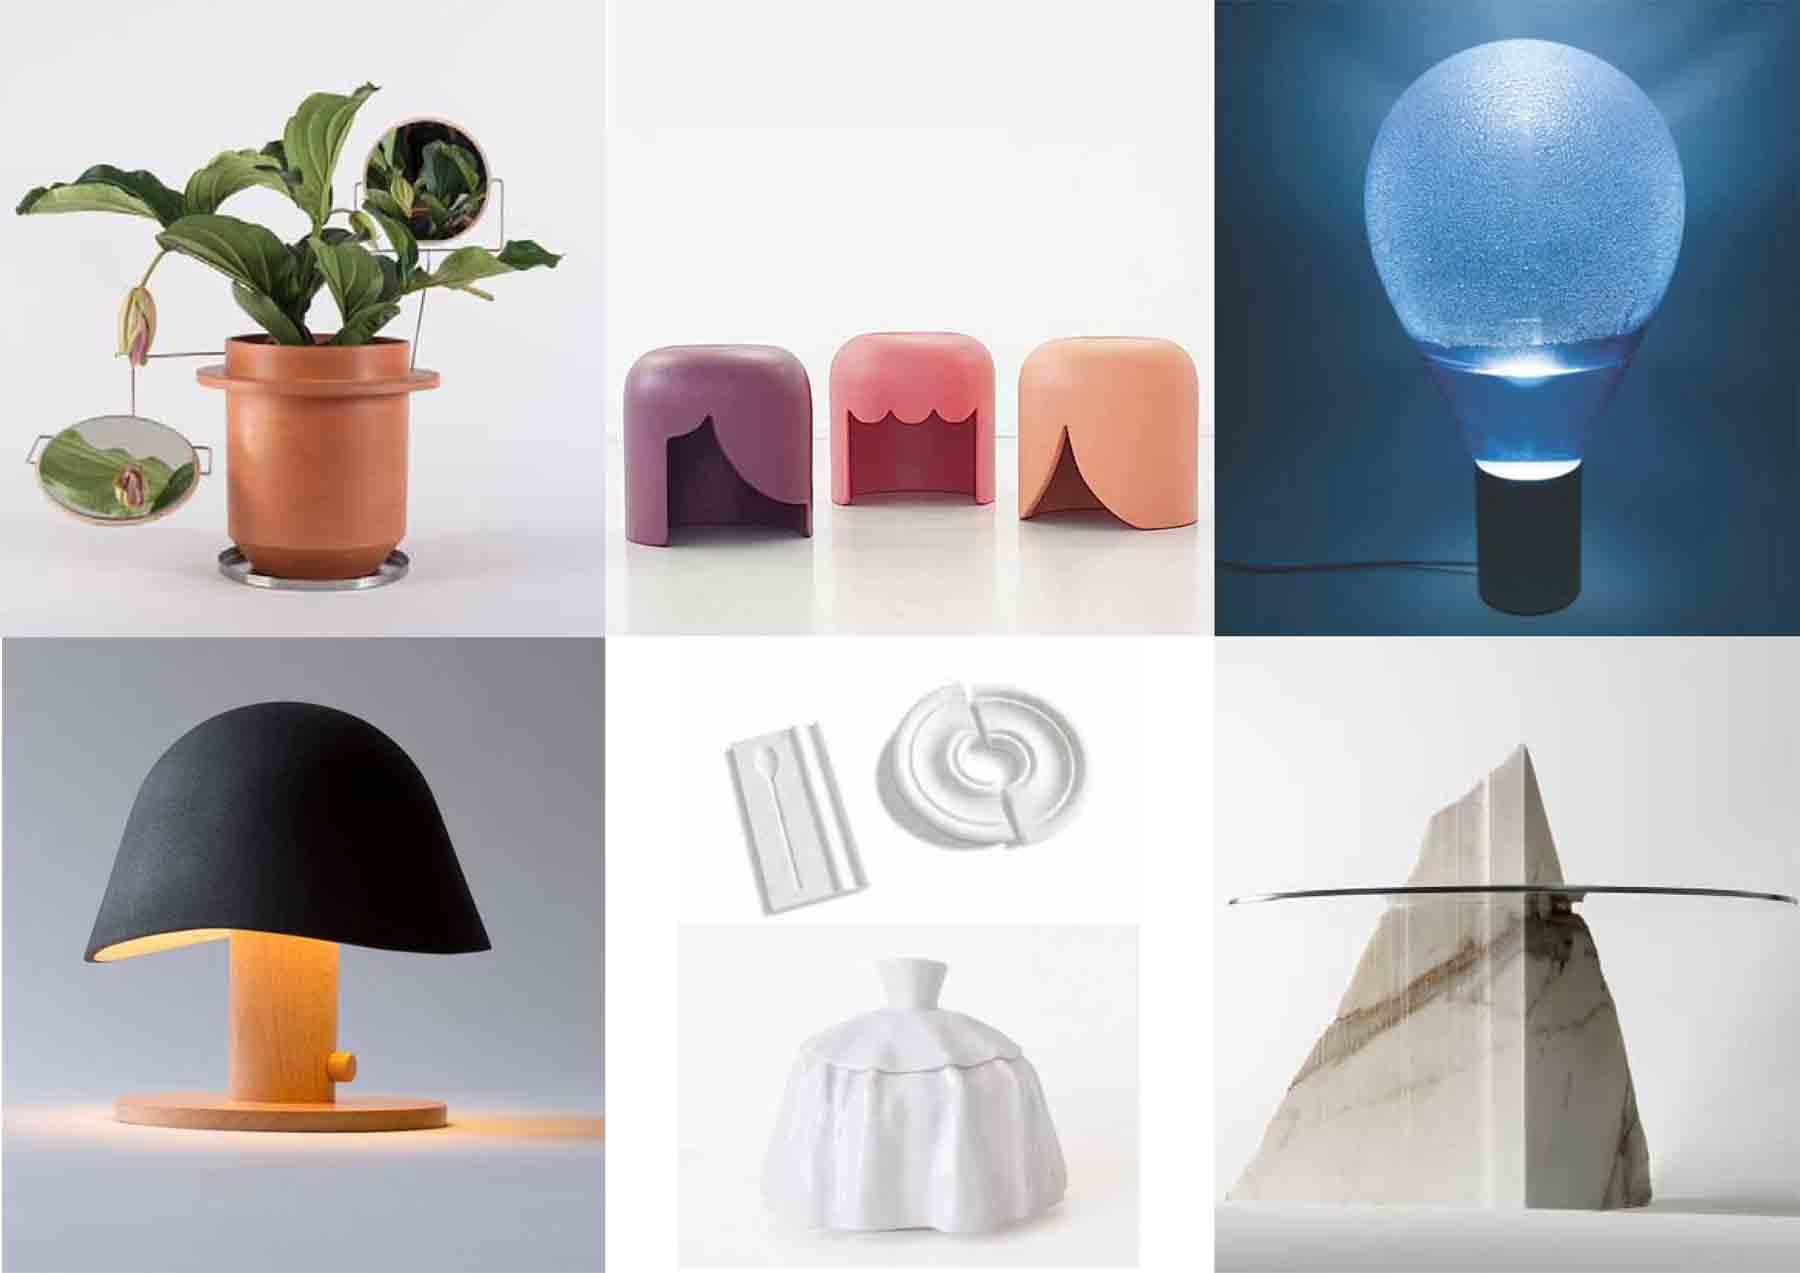 milanweek12102014 - Дизайнеры будущего